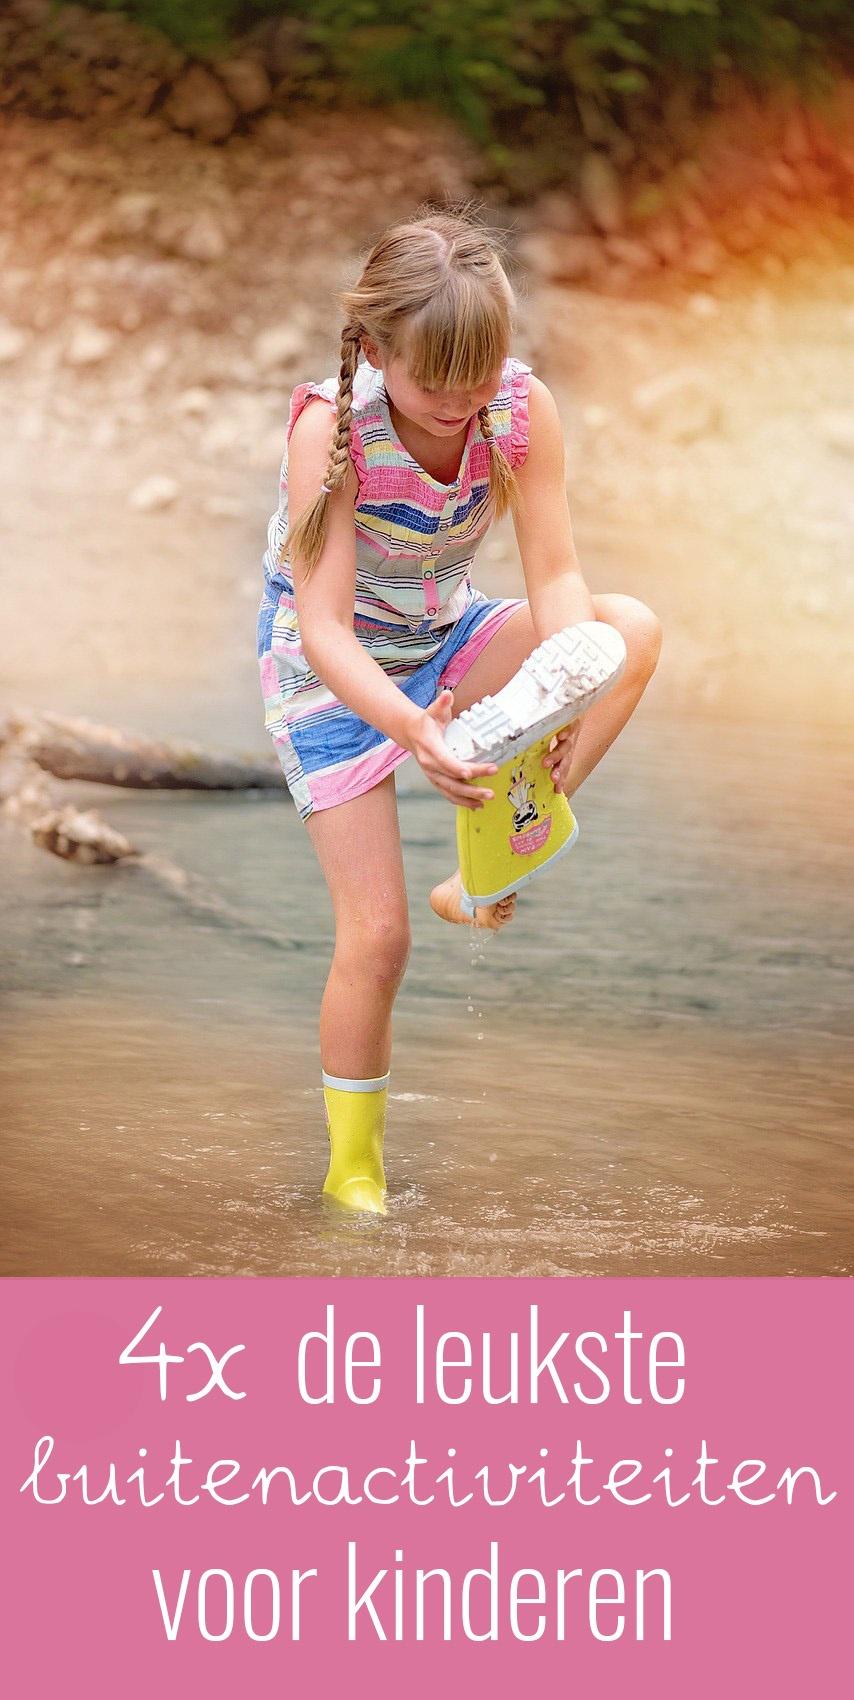 Kinderen moeten vaak gemotiveerd worden om buiten te spelen. Met deze leuke buitenactiviteiten voor kinderen moet dit geen enkel probleem meer zijn!